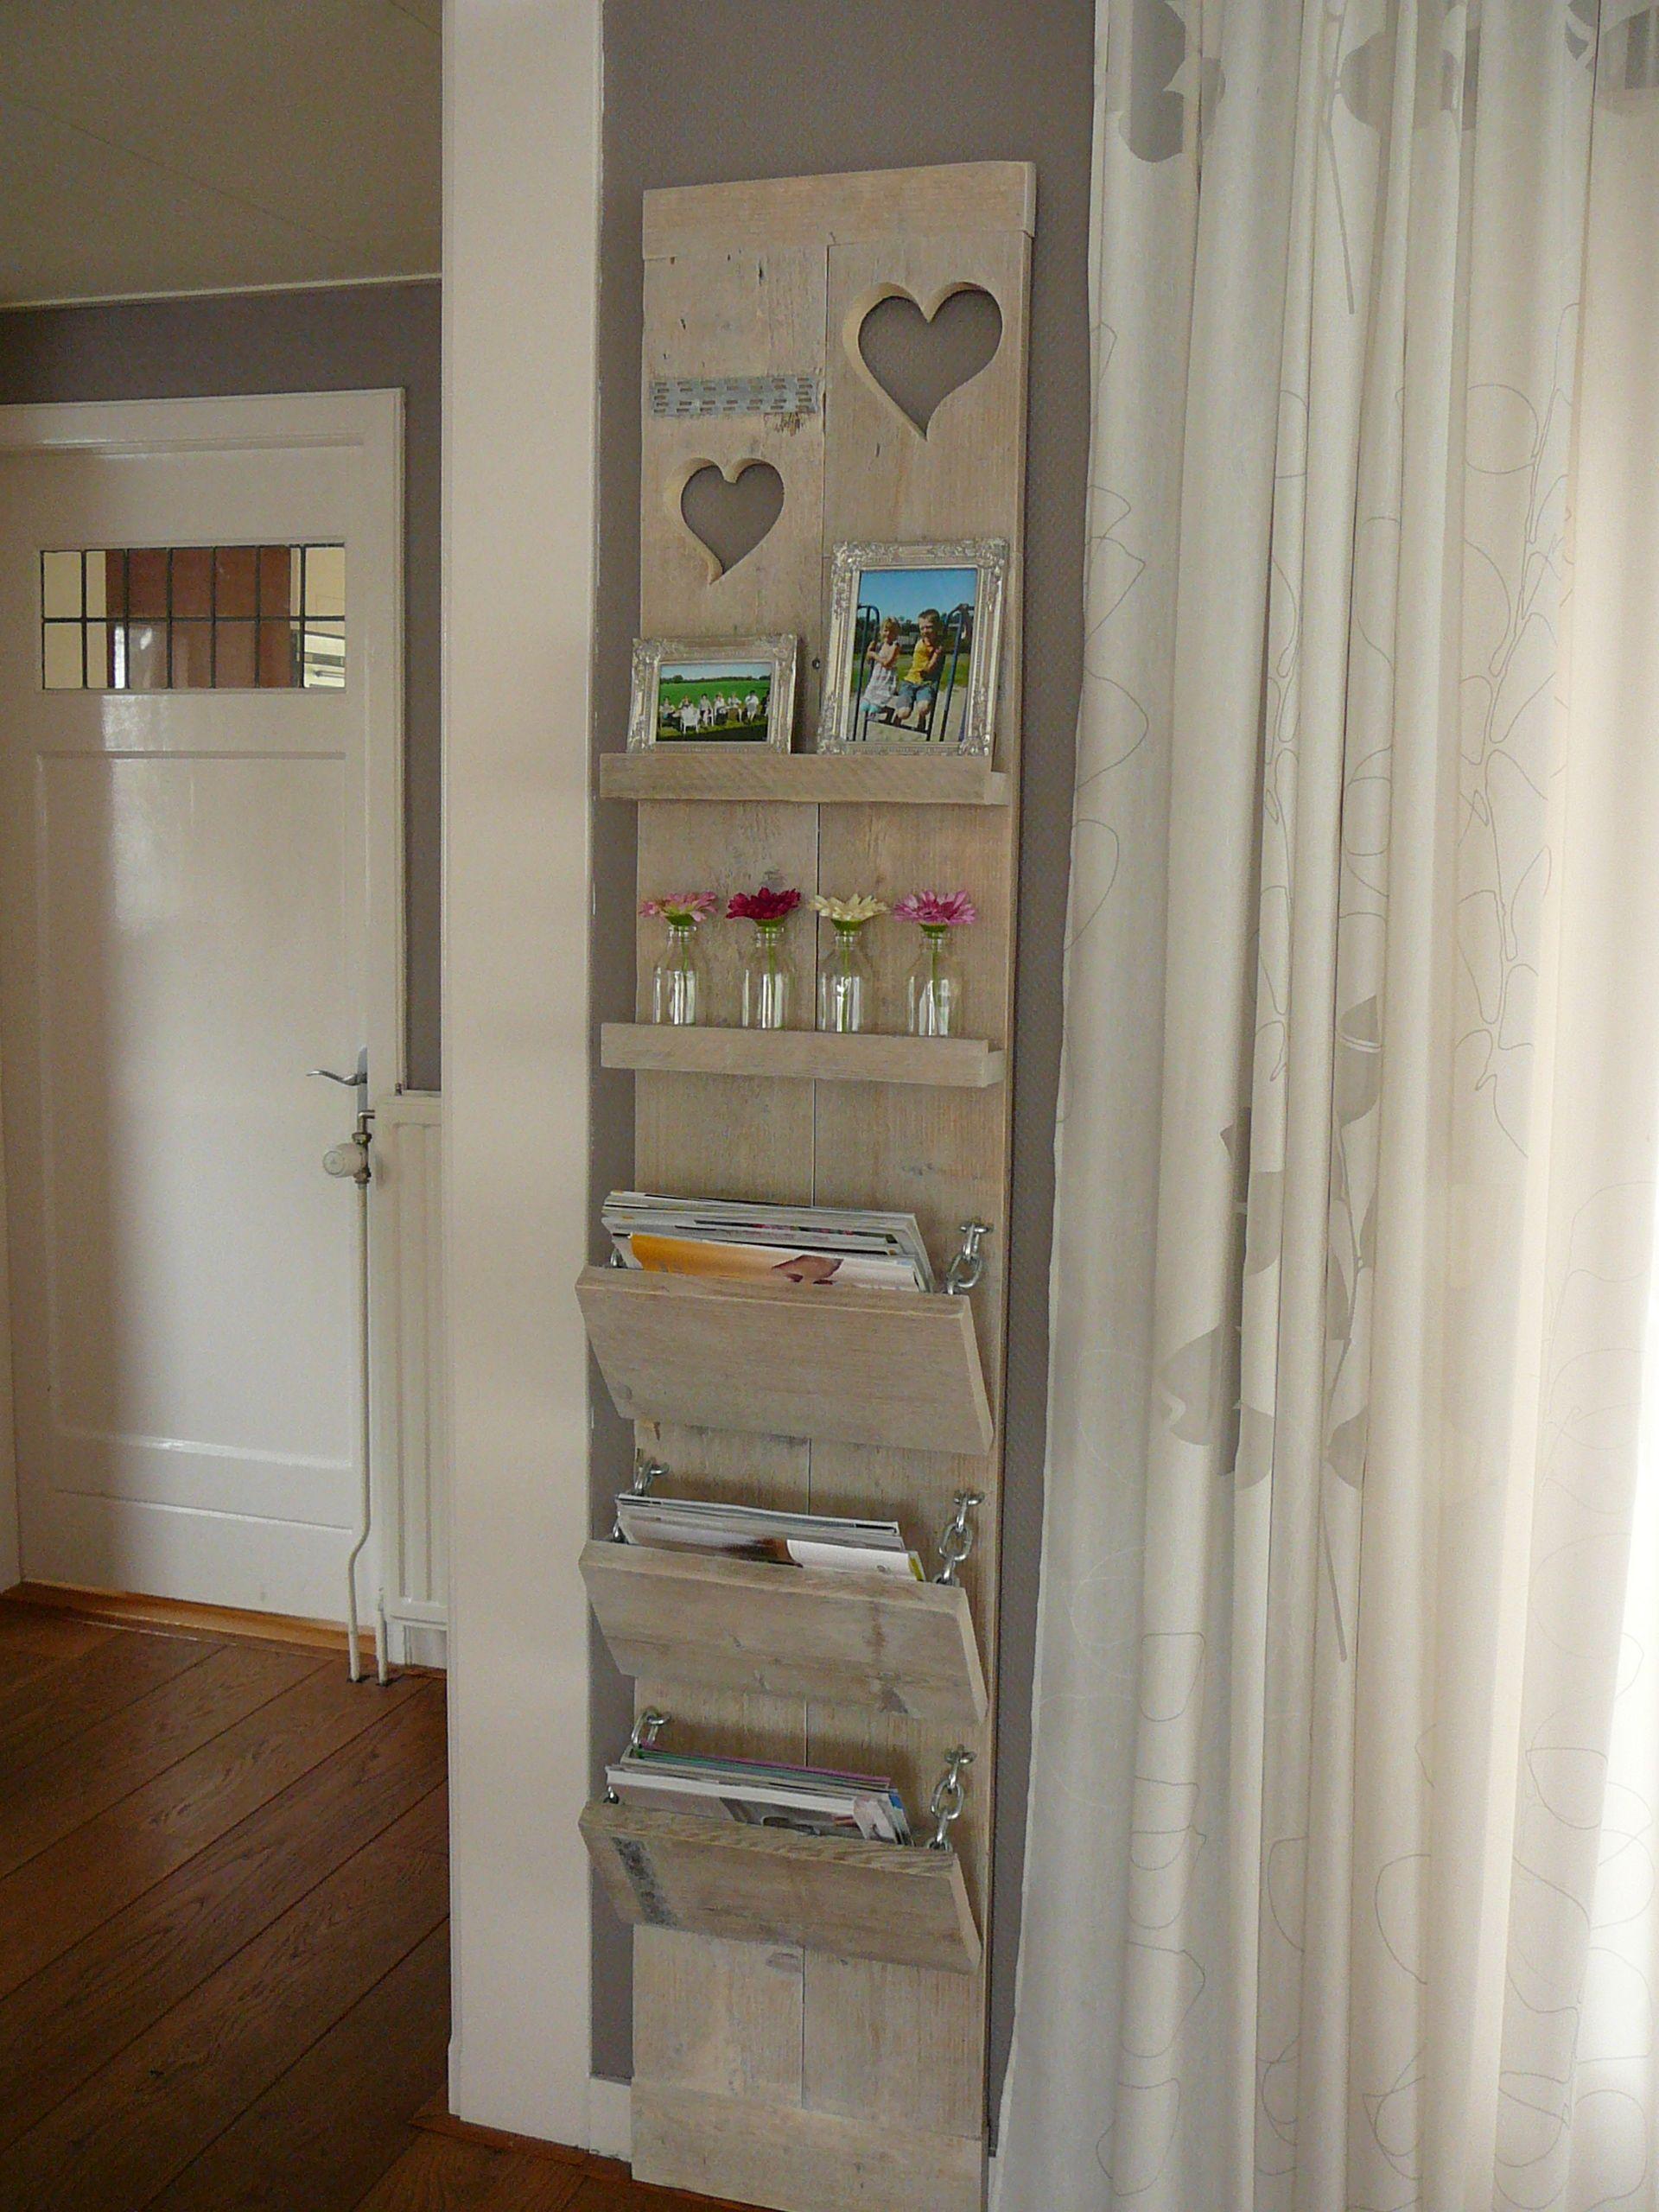 holzlager metall wohnzimmer. Black Bedroom Furniture Sets. Home Design Ideas